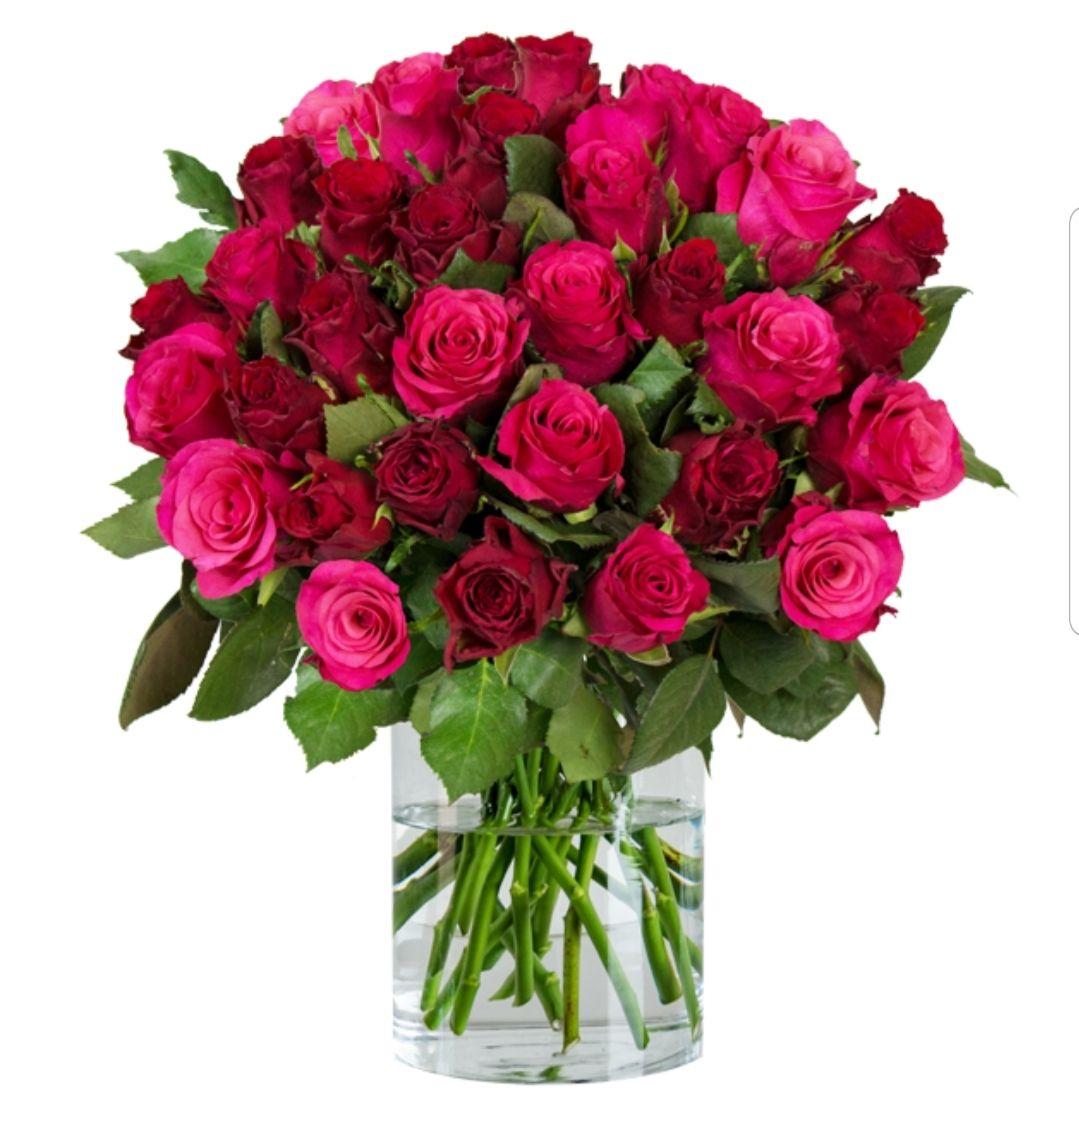 37 RomanticRoses bei Blumeideal für 19.99€ + 4.99€ Versand und Shoop